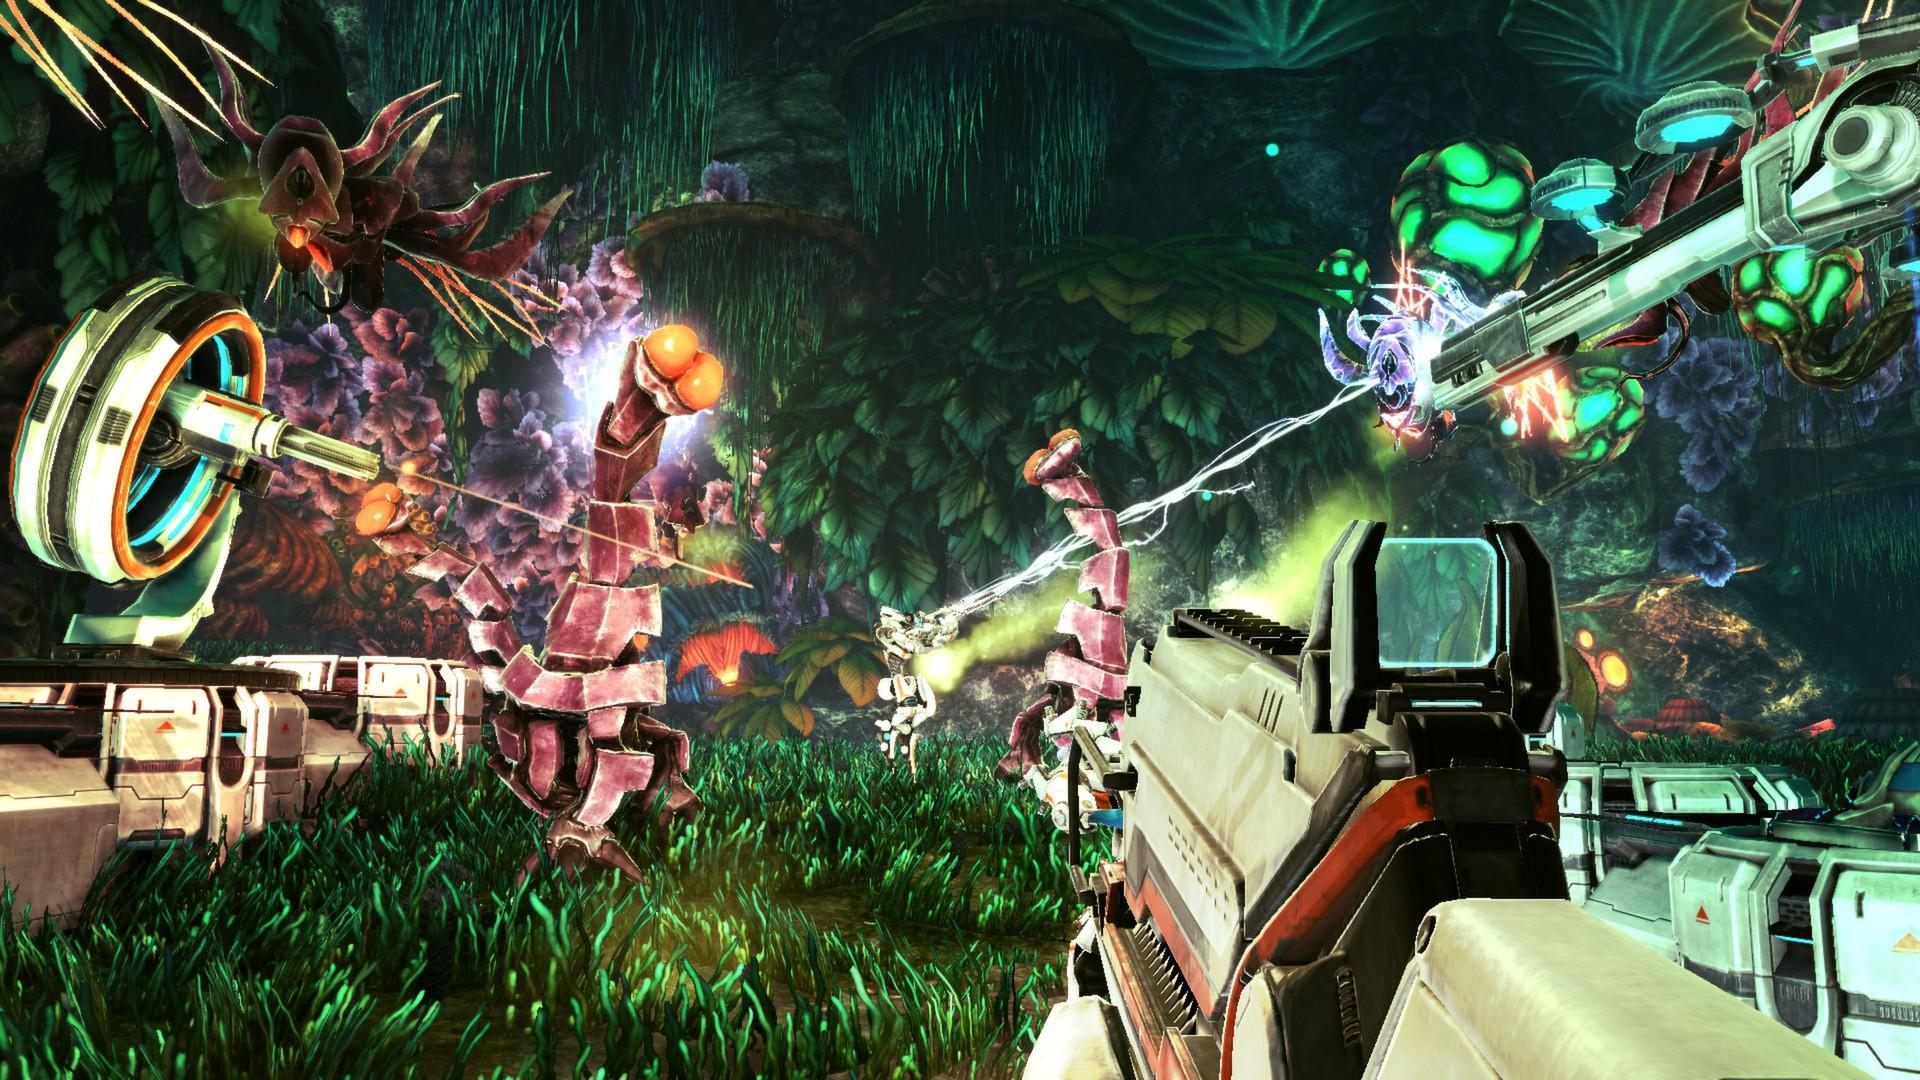 com.steam.210770-screenshot